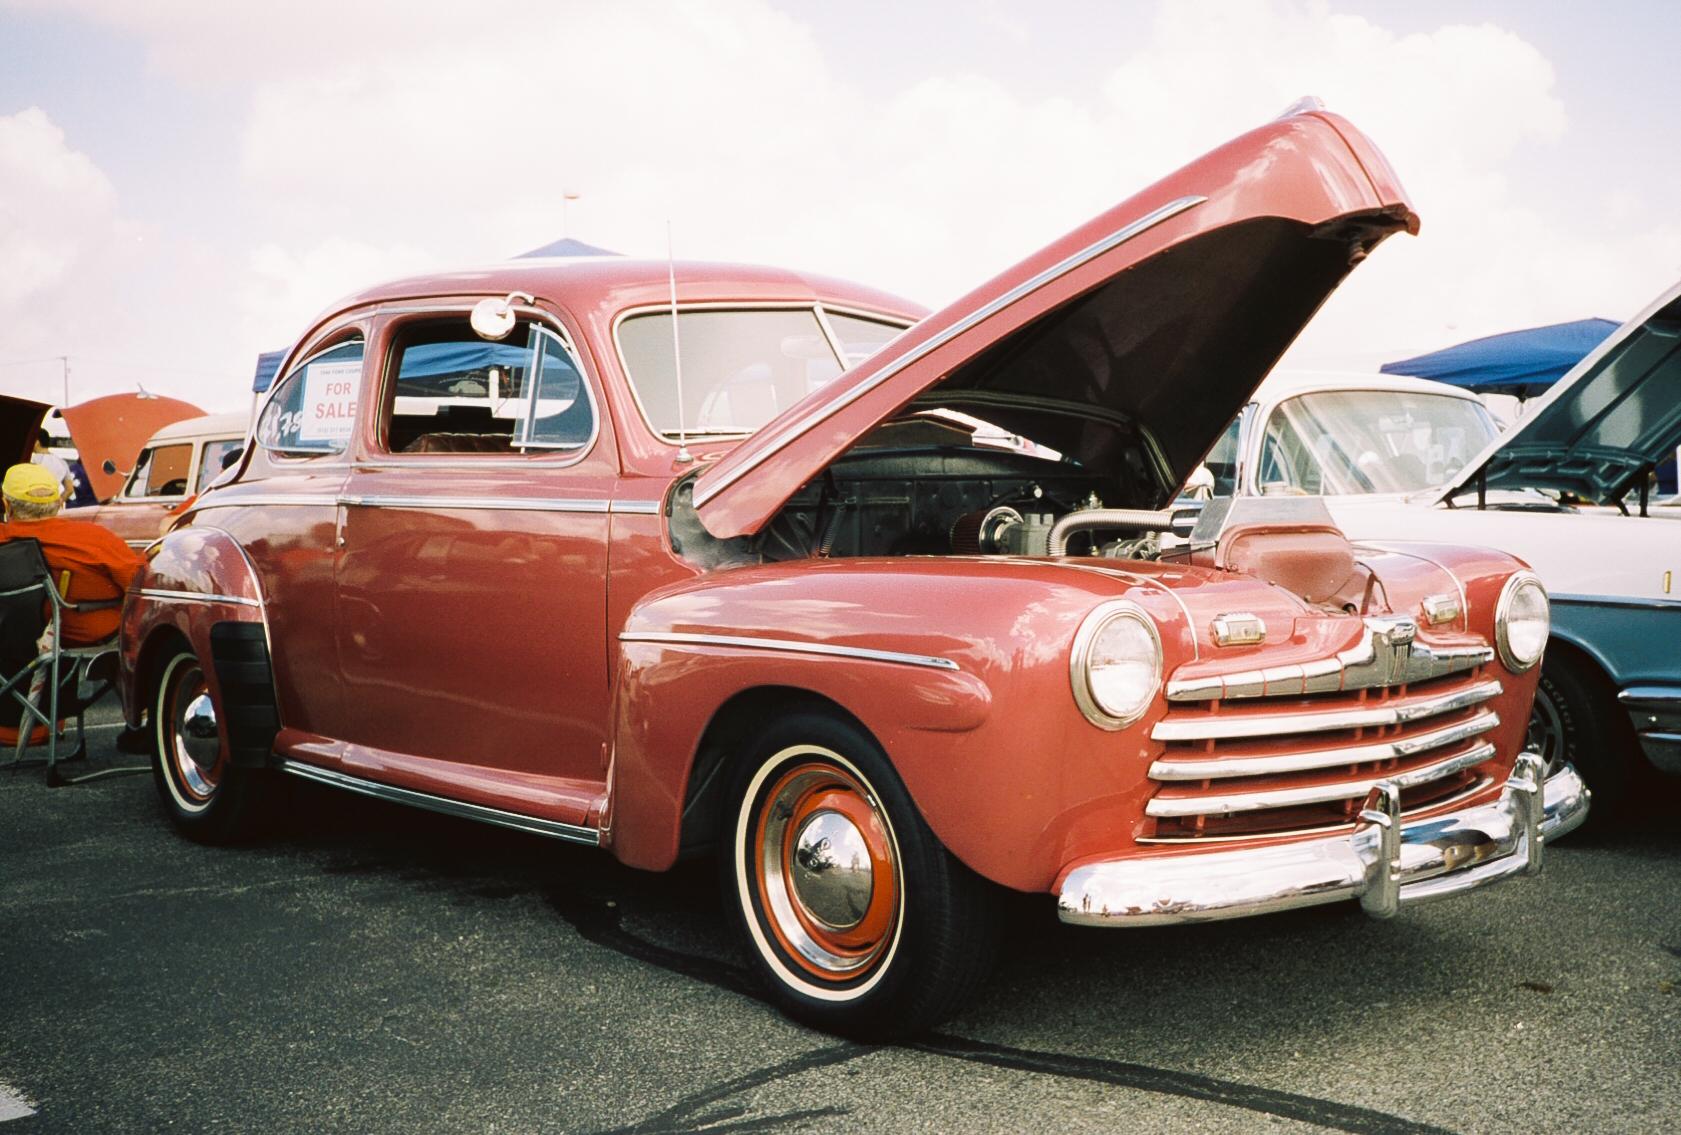 hutto-car-show-xa2-021.jpg